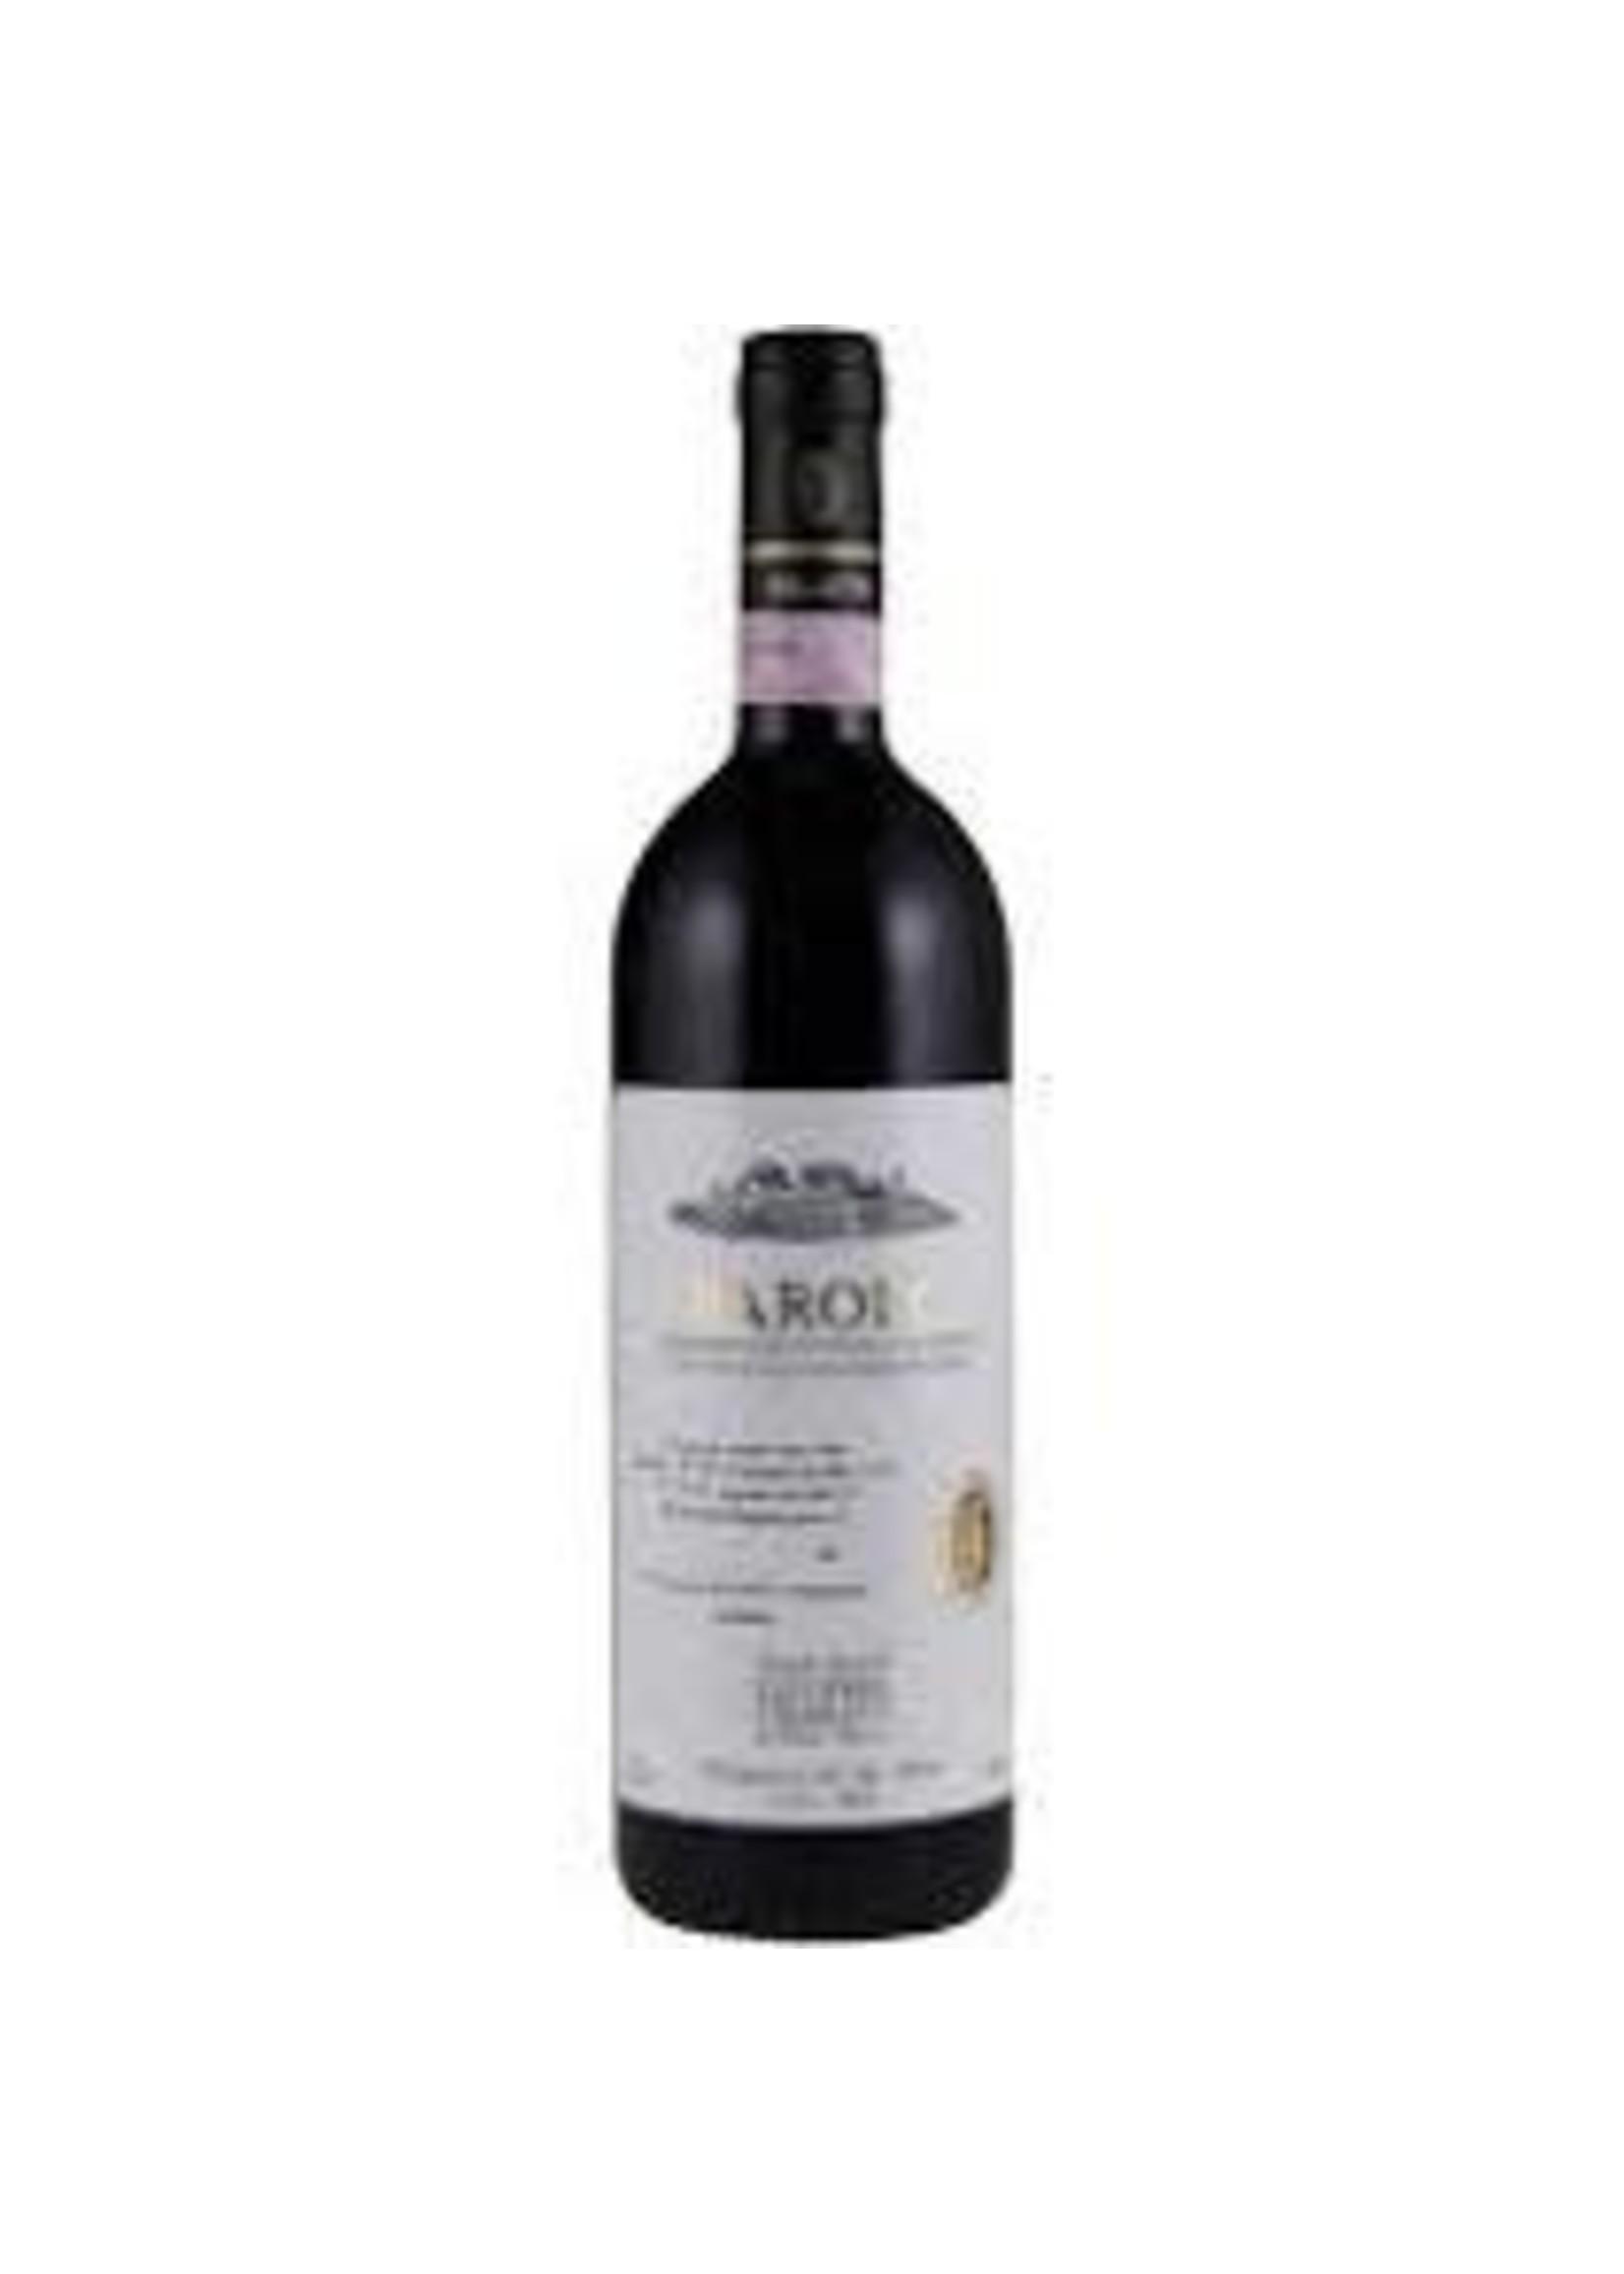 B. Giacosa 2014 Barolo (White Label) Falletto 750ml